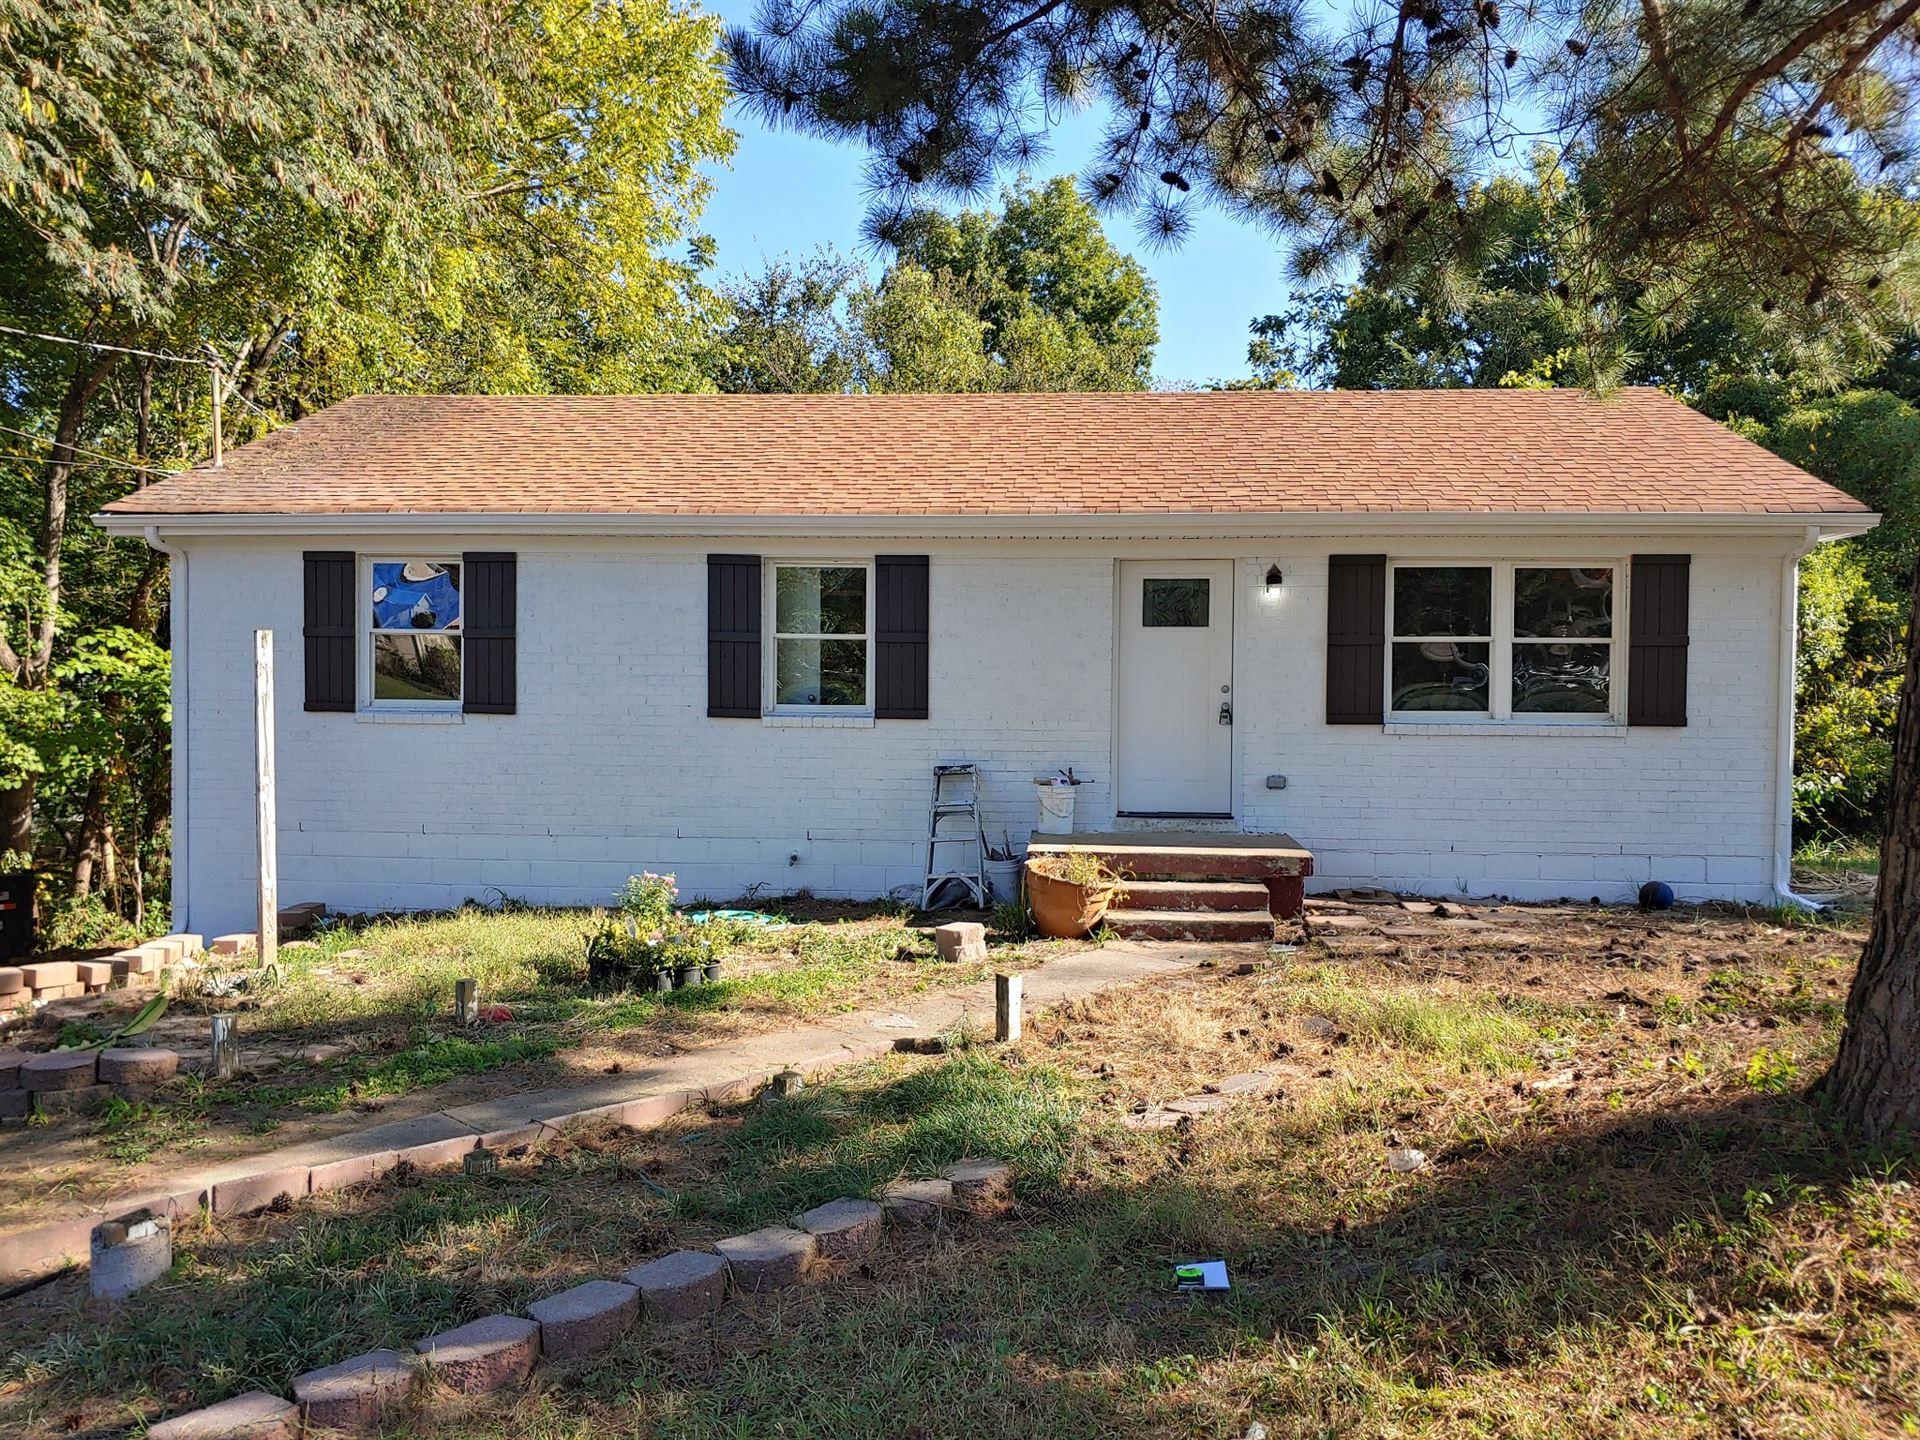 639 Lafayette Rd, Clarksville, TN 37042 - MLS#: 2194637